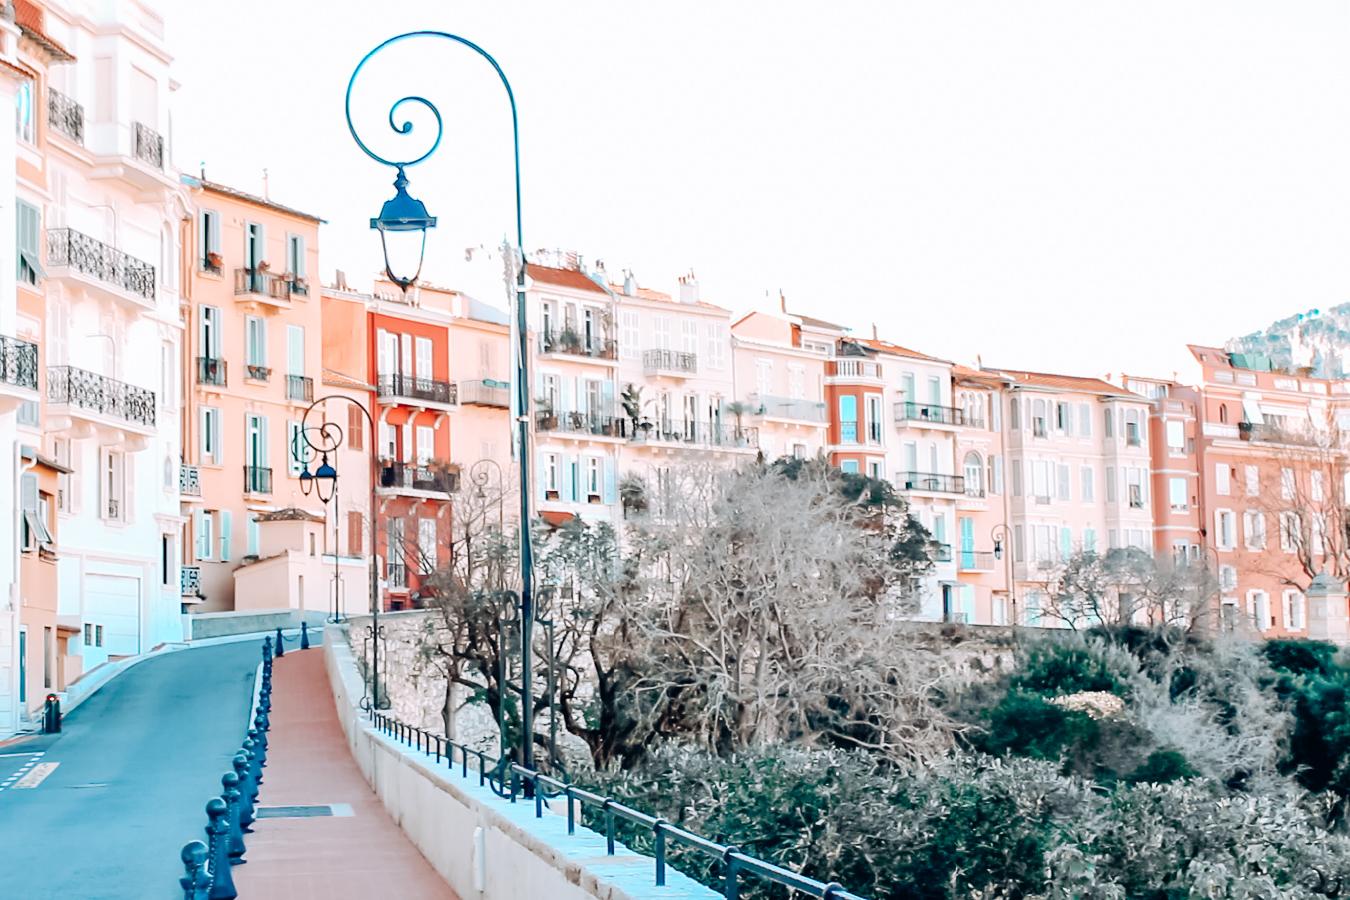 A street in Monaco